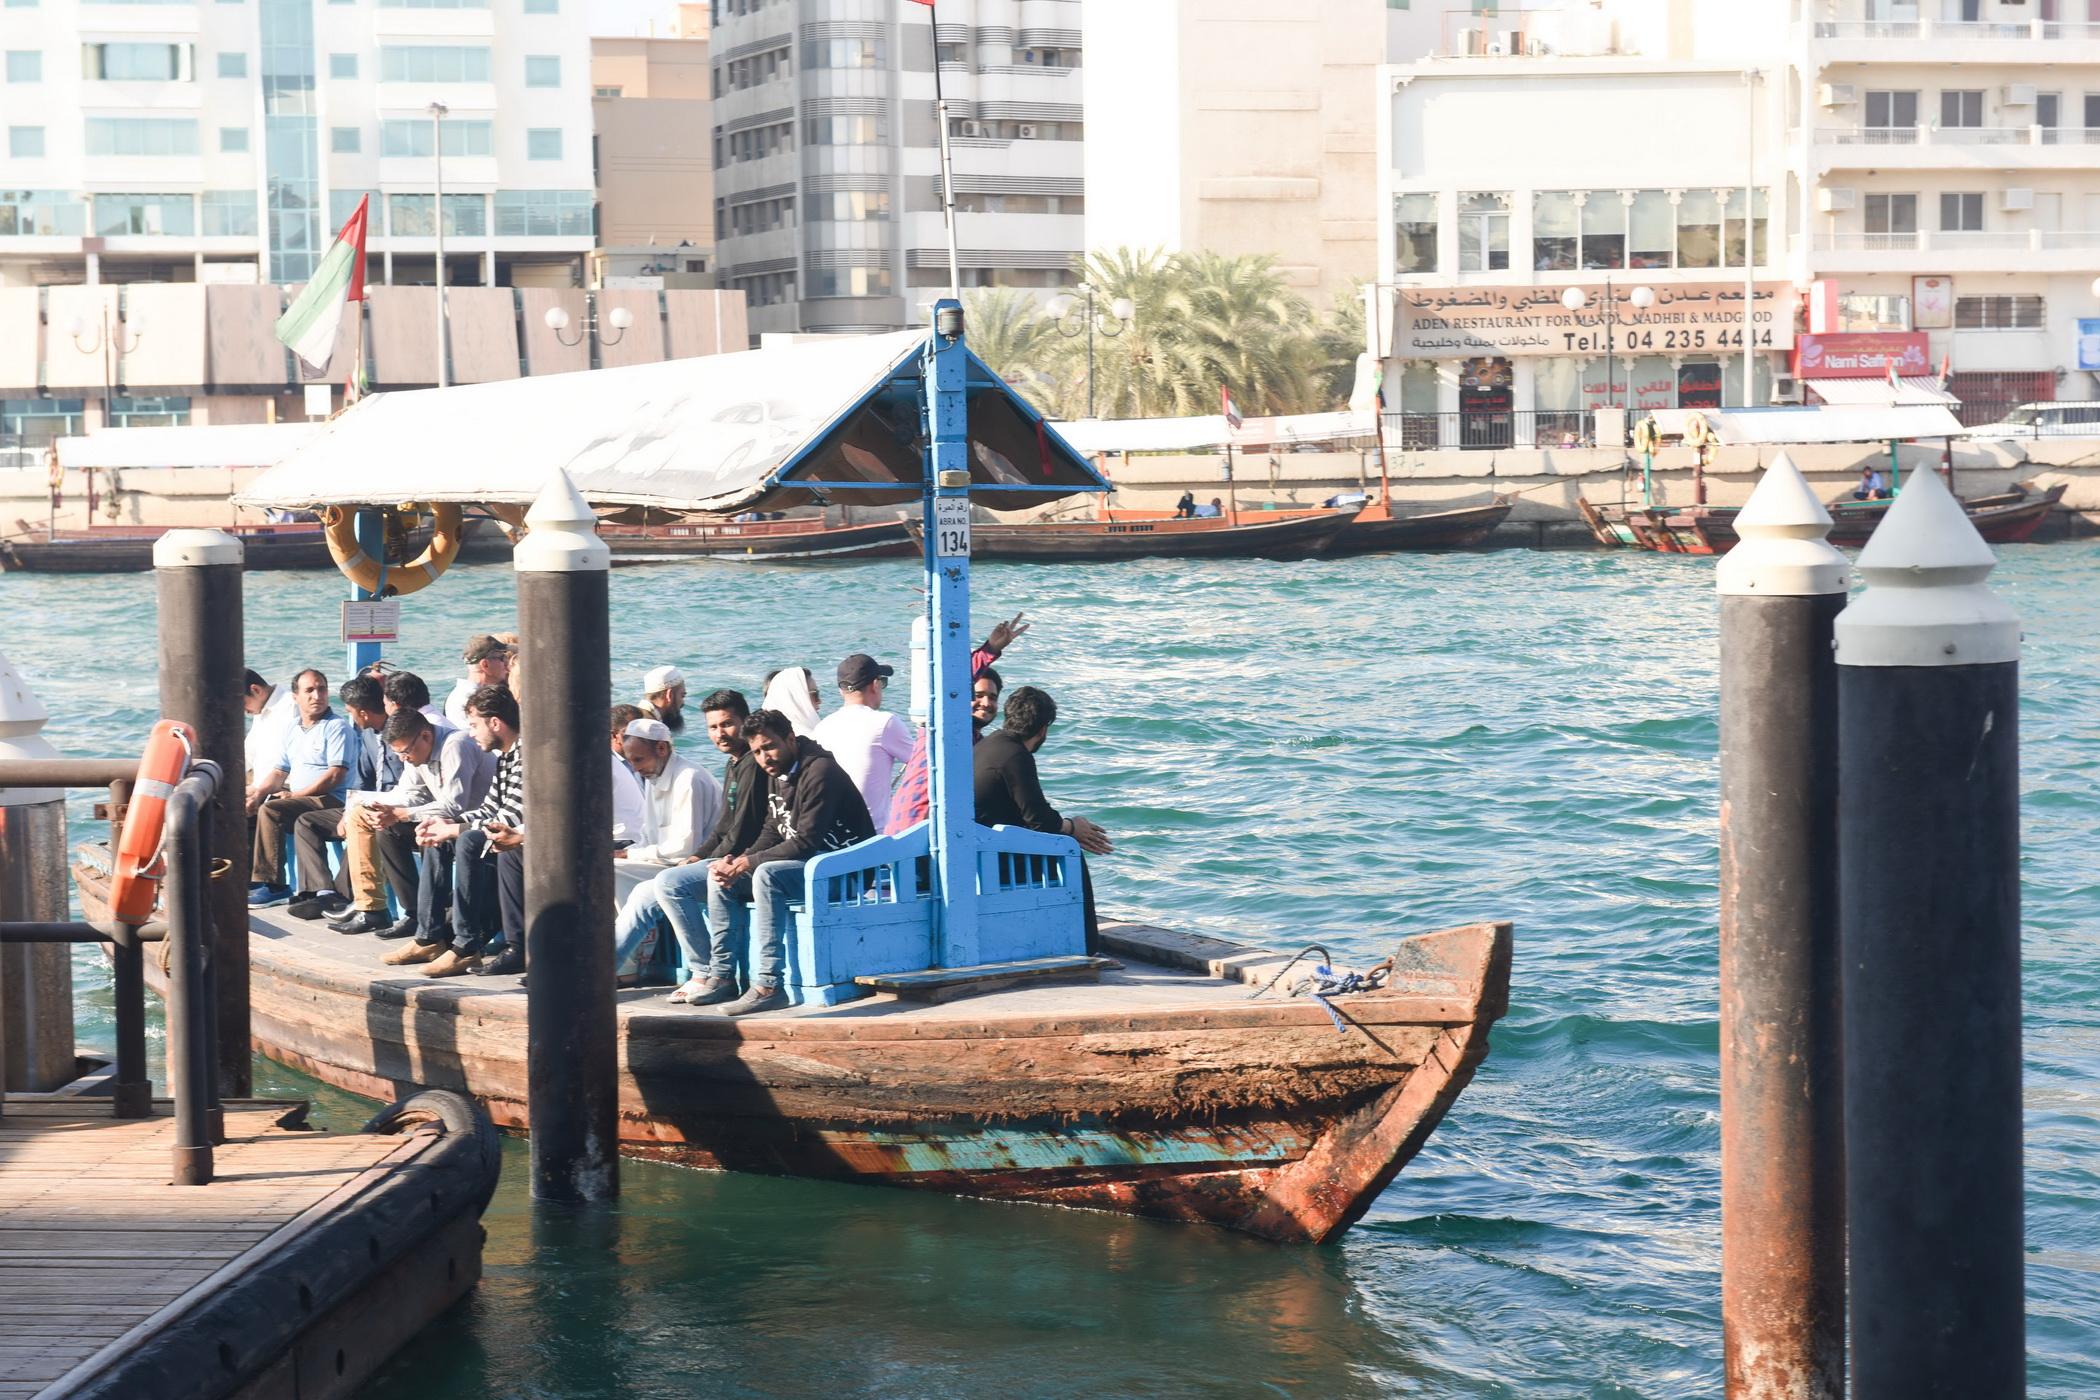 Trip on an abra Dubai